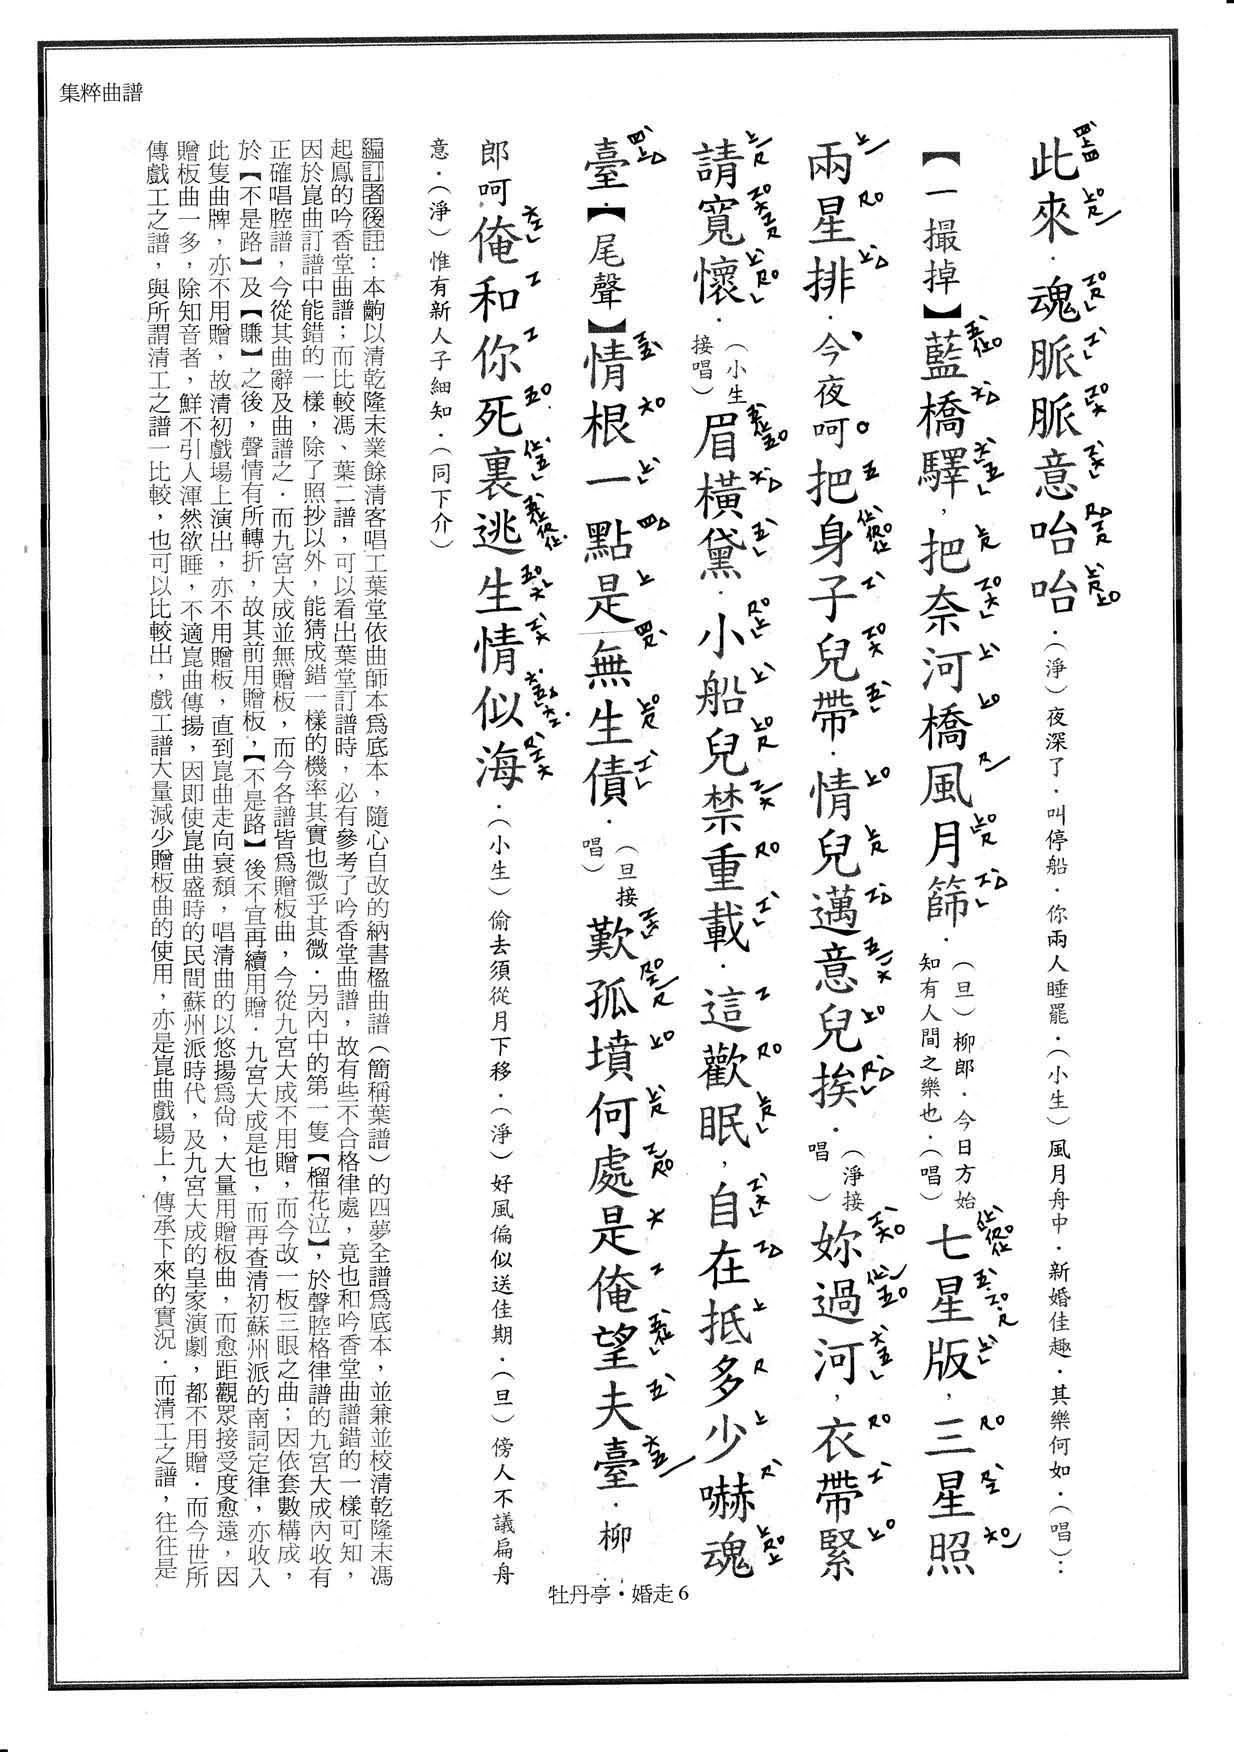 (崑曲)集粹曲譜 :婚走(牡丹亭) (明)湯顯祖 | 集粹曲譜